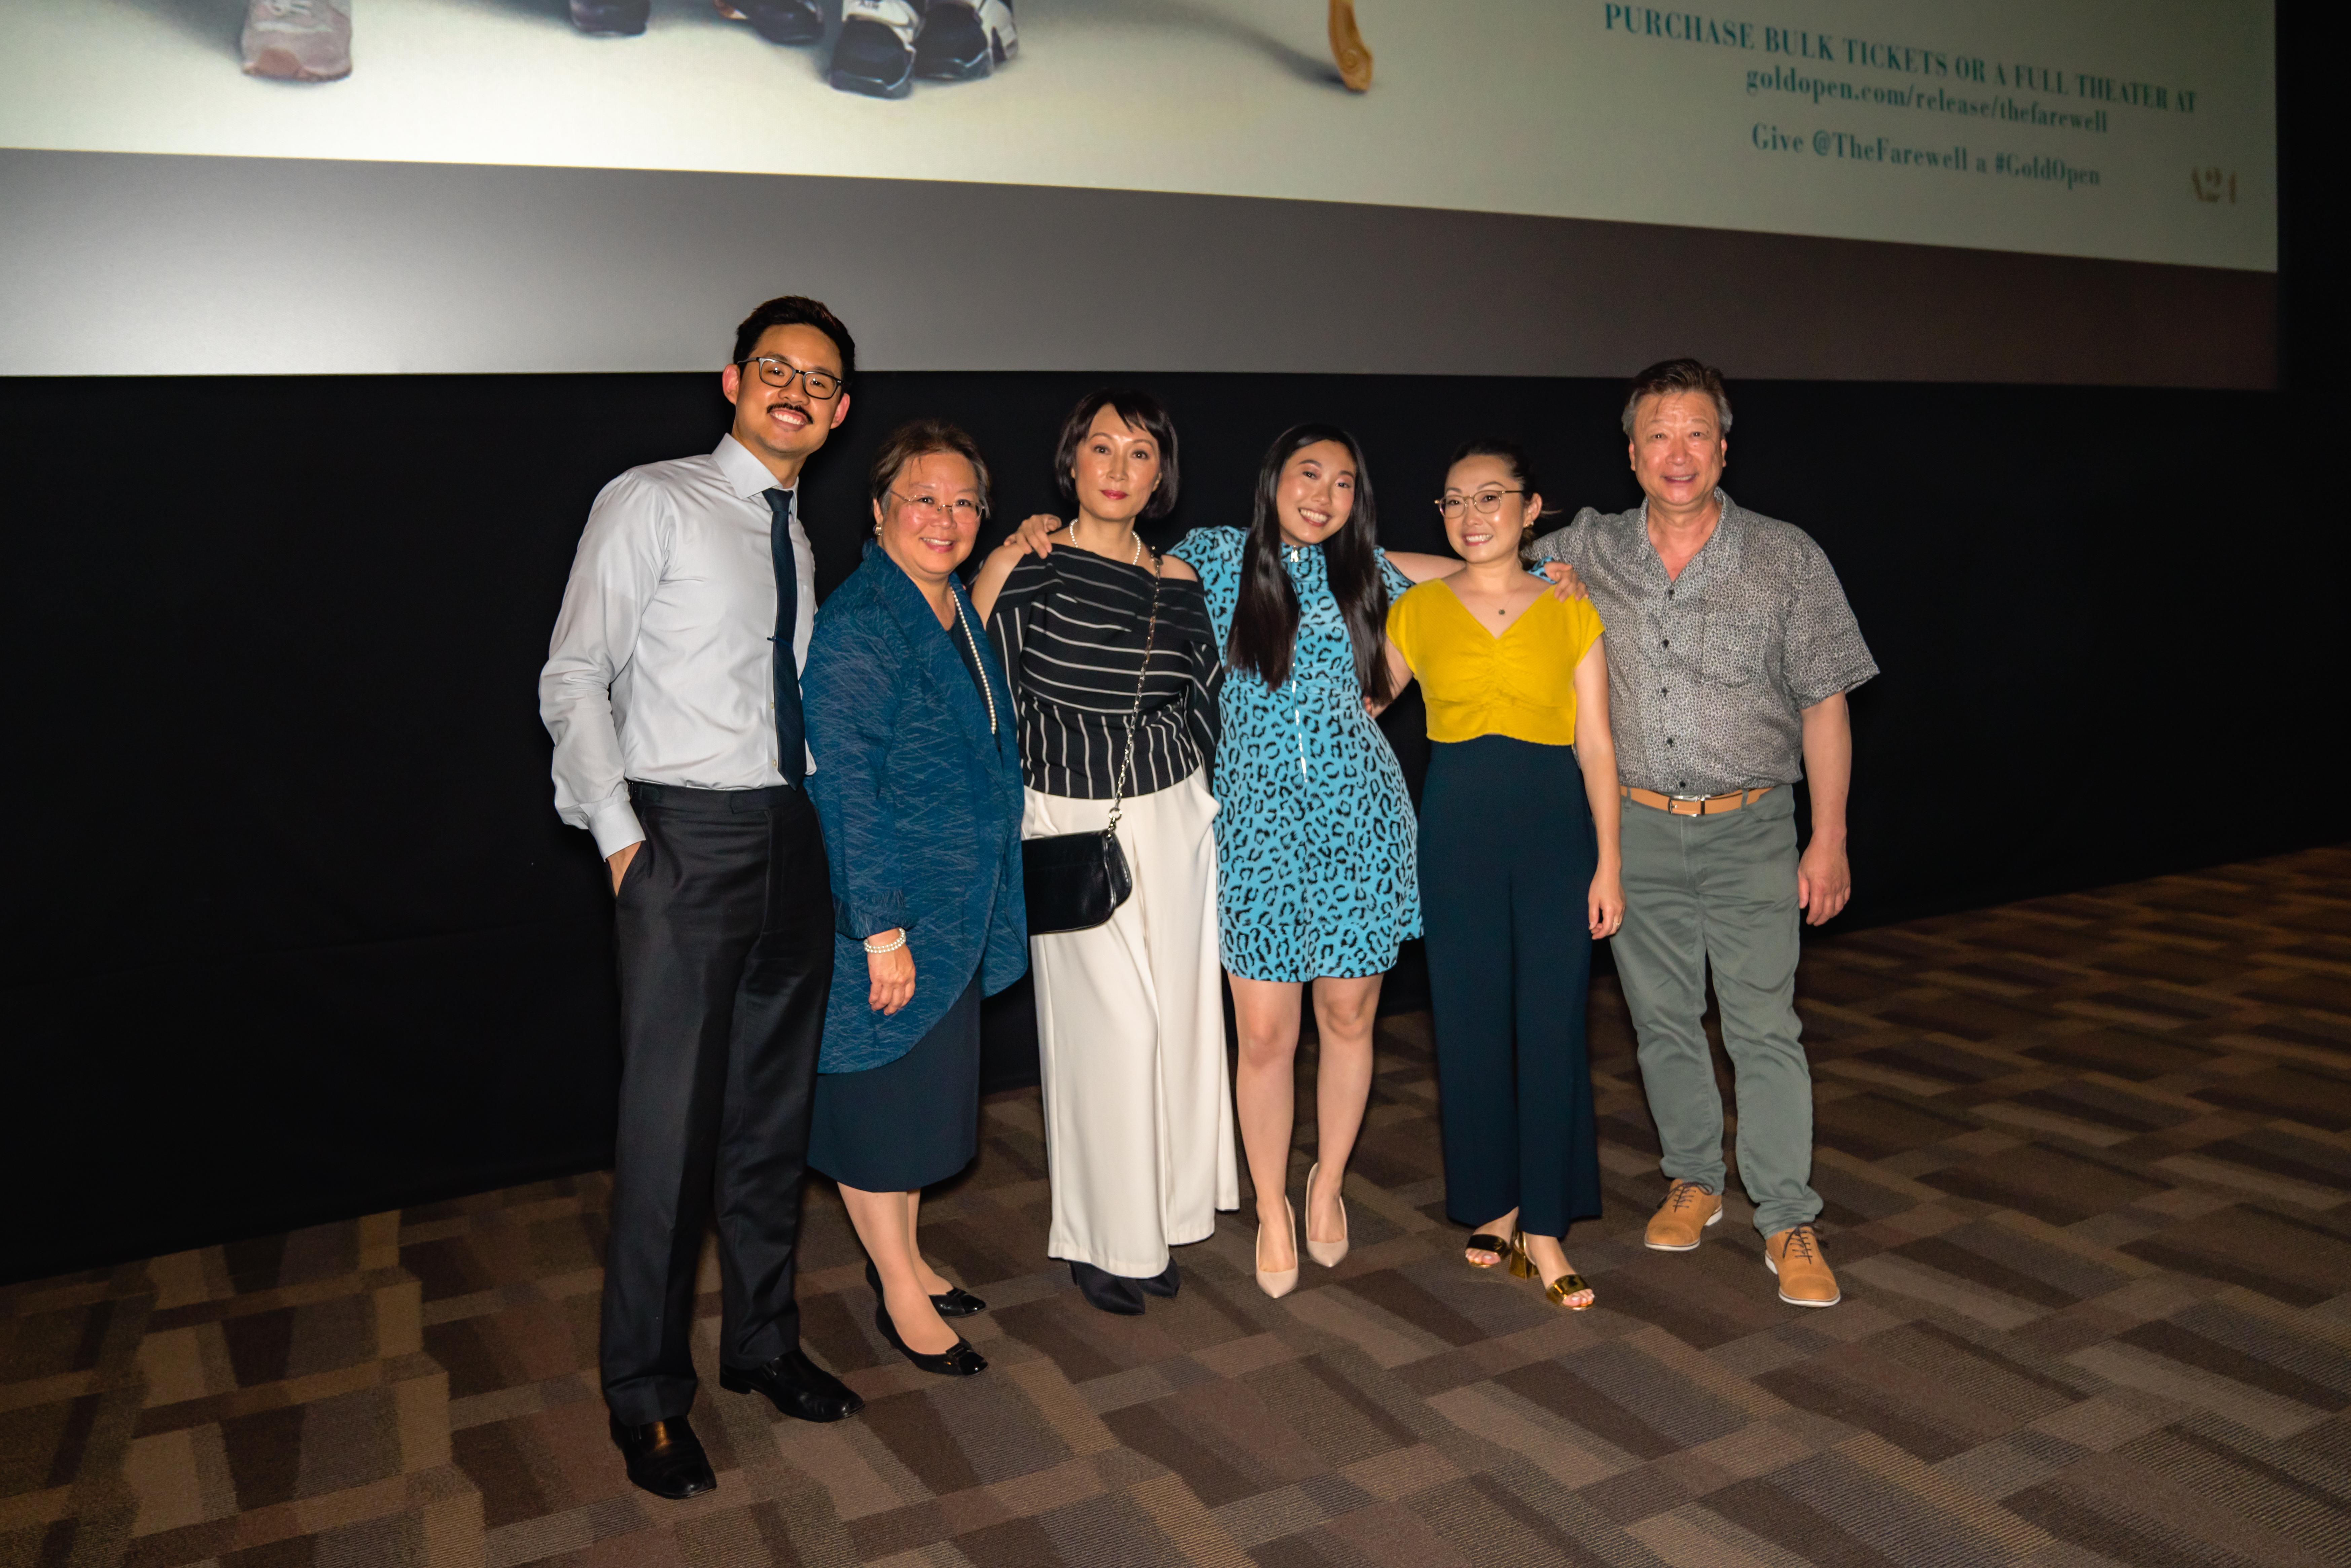 主創人員出席電影放映活動。(AARP提供)